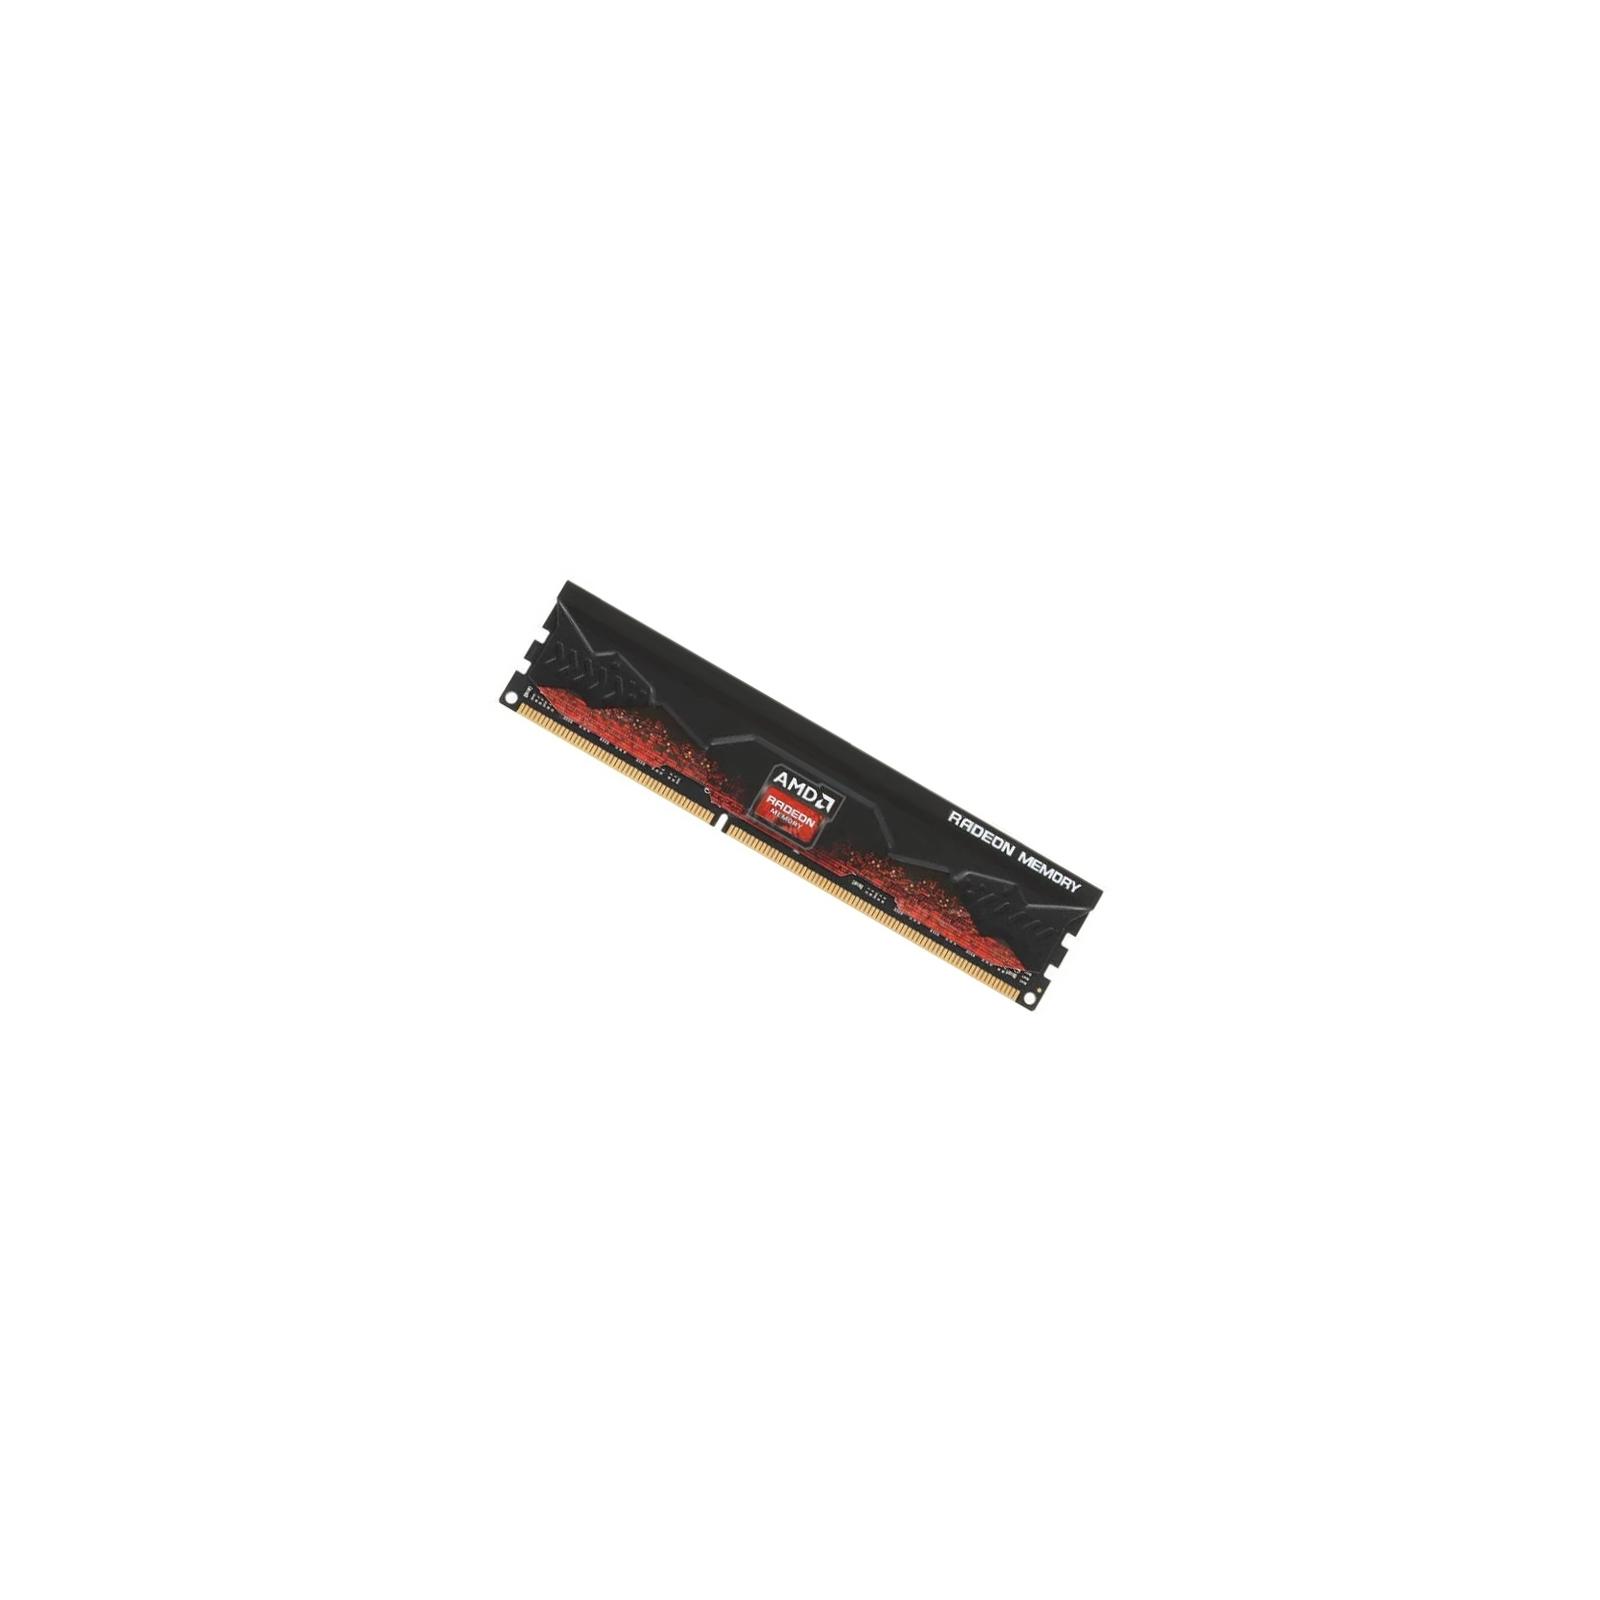 Модуль памяти для компьютера DDR4 16GB 3200 MHz Radeon R9 AMD (R9S416G3206U2S) изображение 2